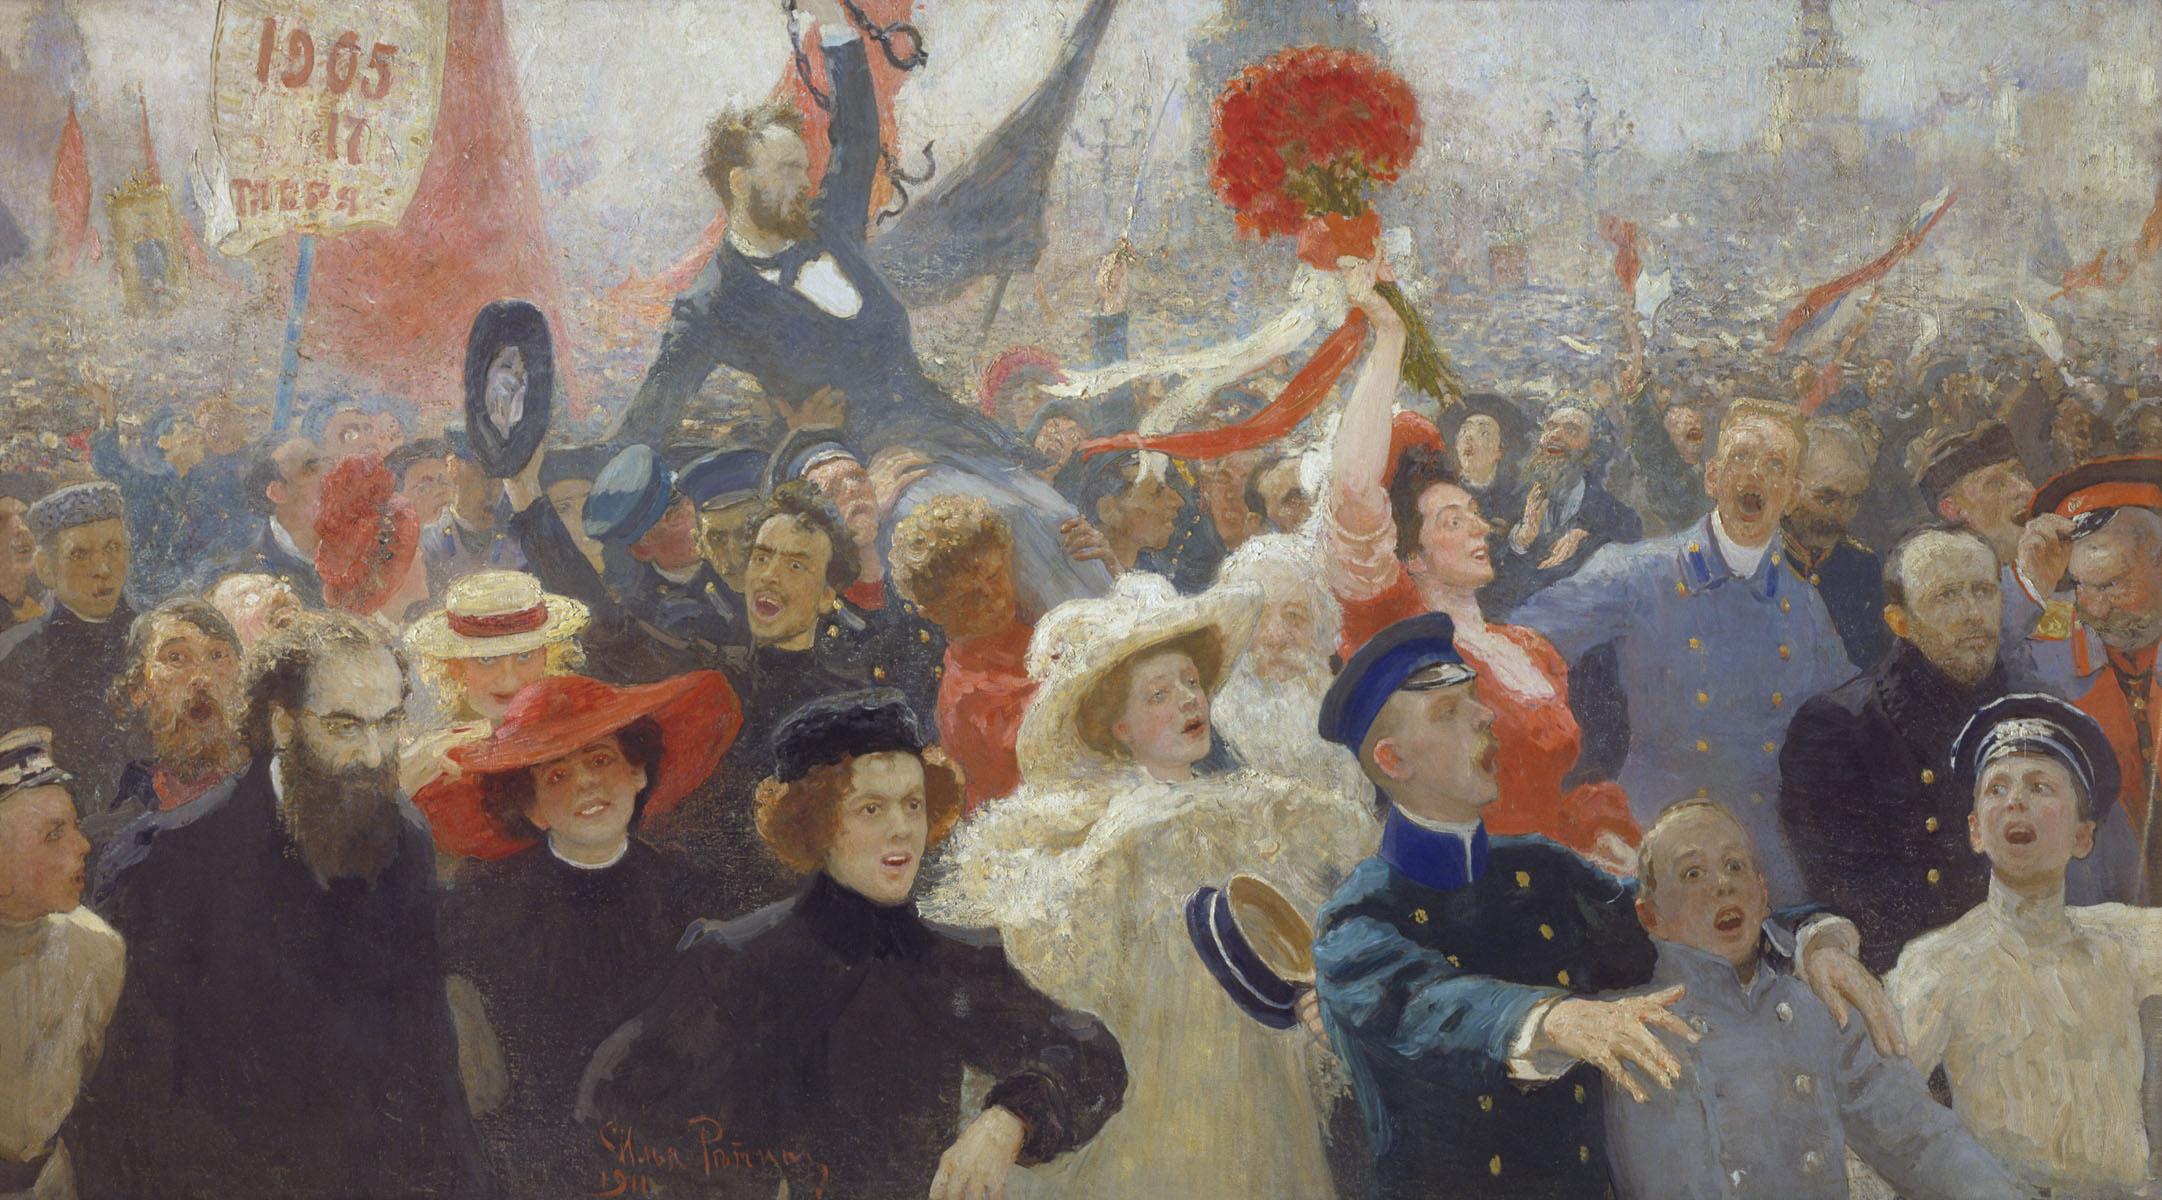 La manifestación del 17 de octubre de 1905, Ilya Repin